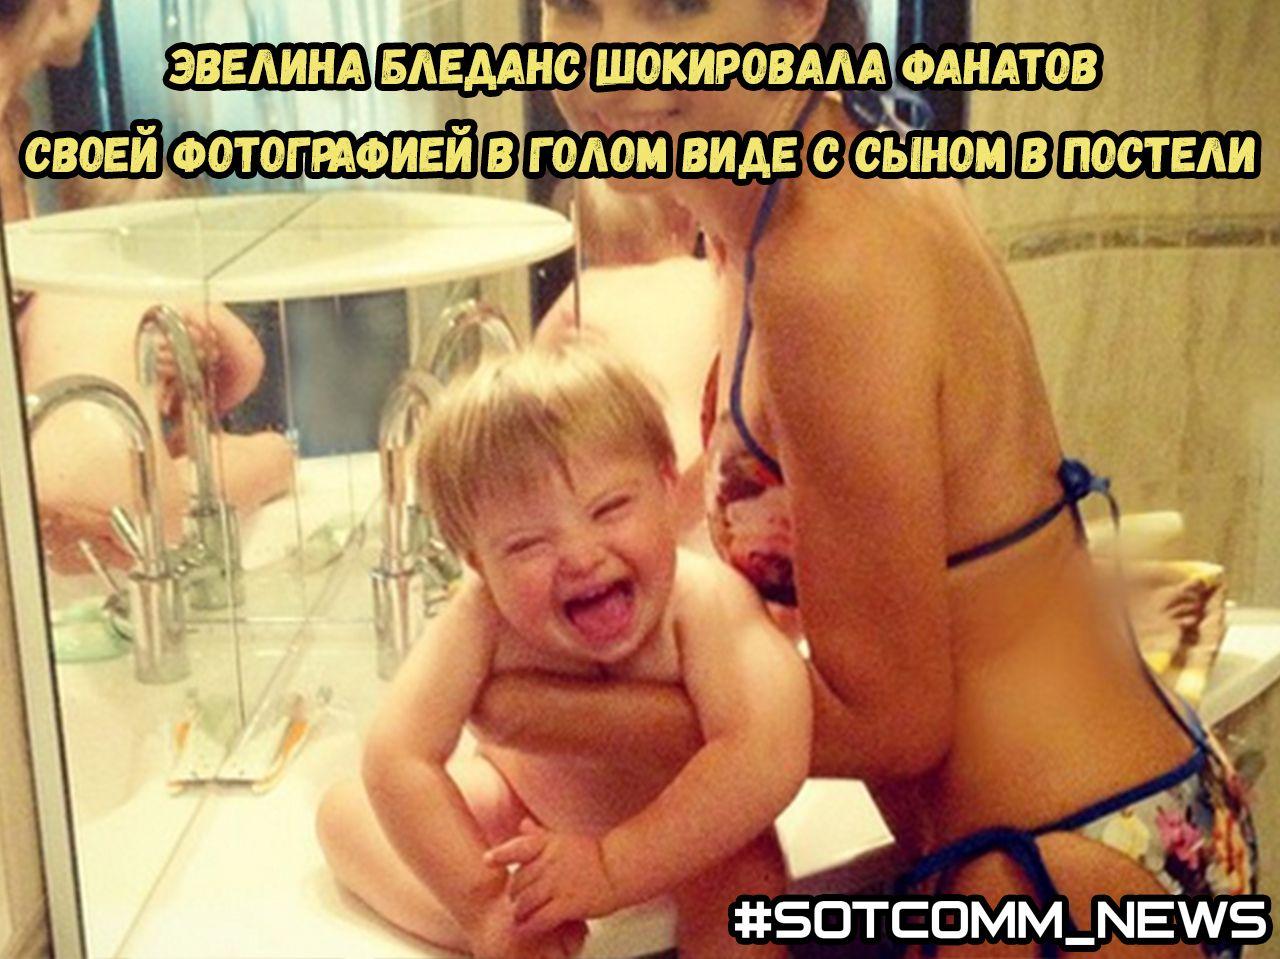 Эвелина Бледанс шокировала фанатов своей фотографией в голом виде с сыном в постели